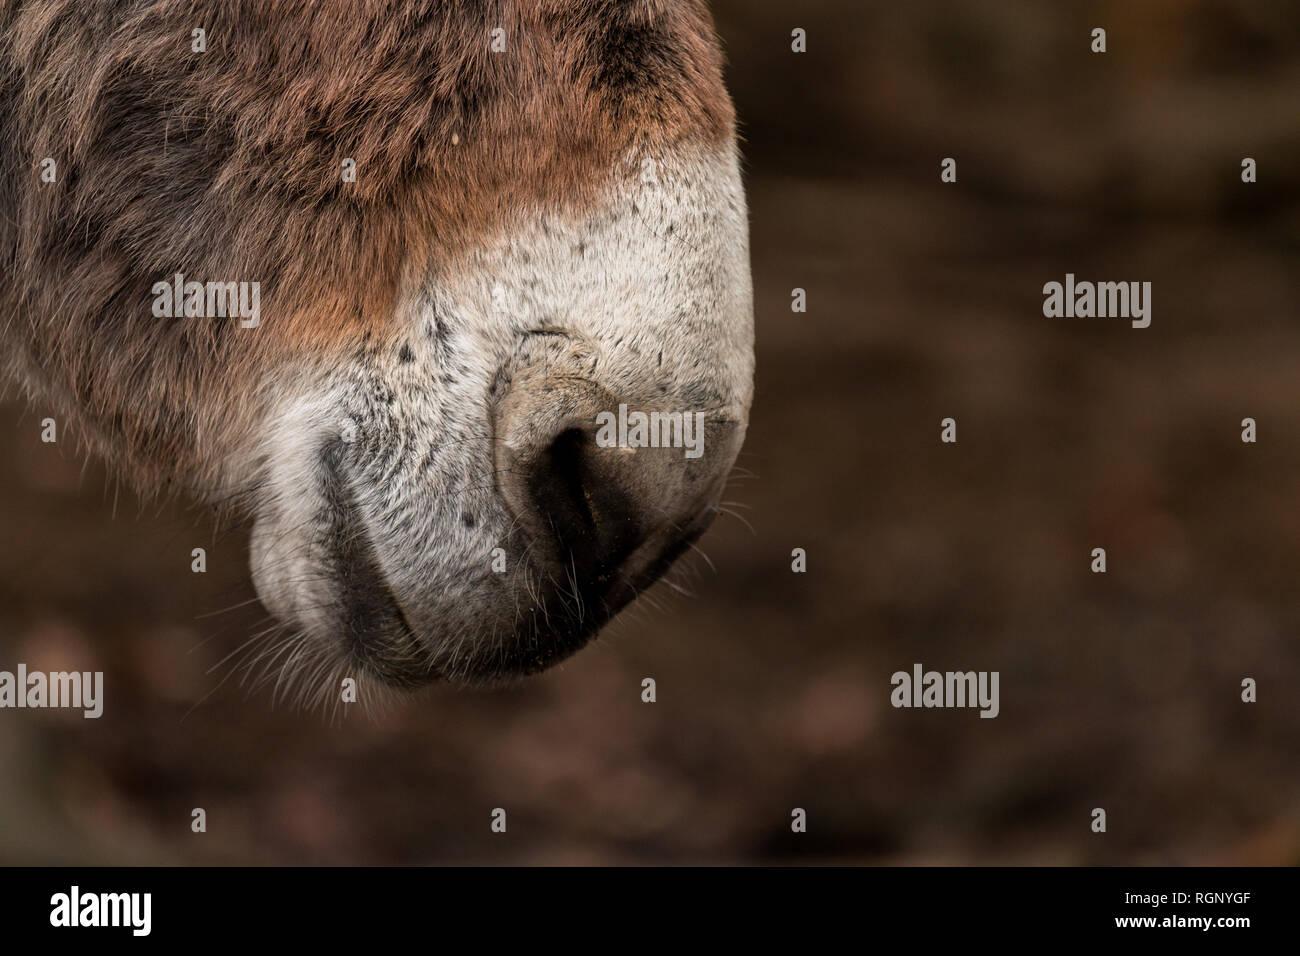 Nase von einem Esel Stock Photo